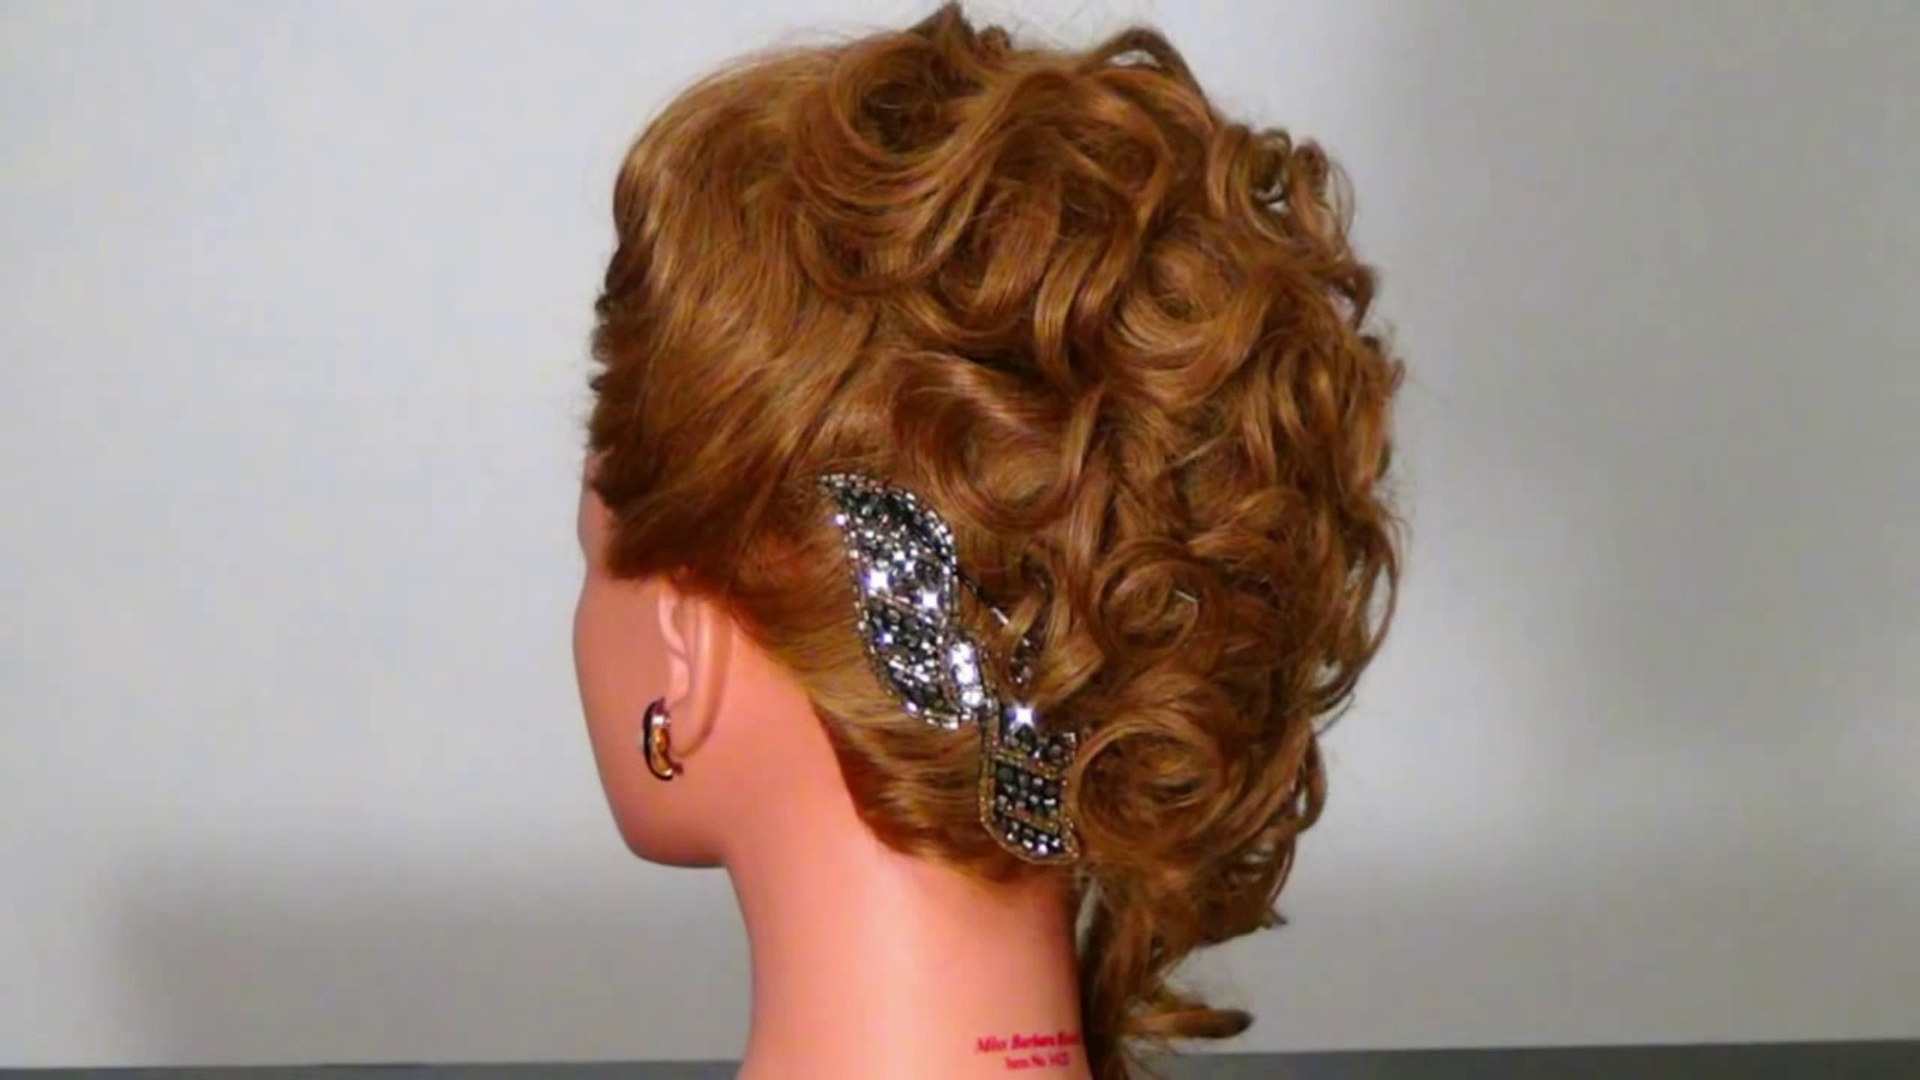 Easy Hairstyle Video - DIY hair style ideas - hair styles for long hair and  medium long hair